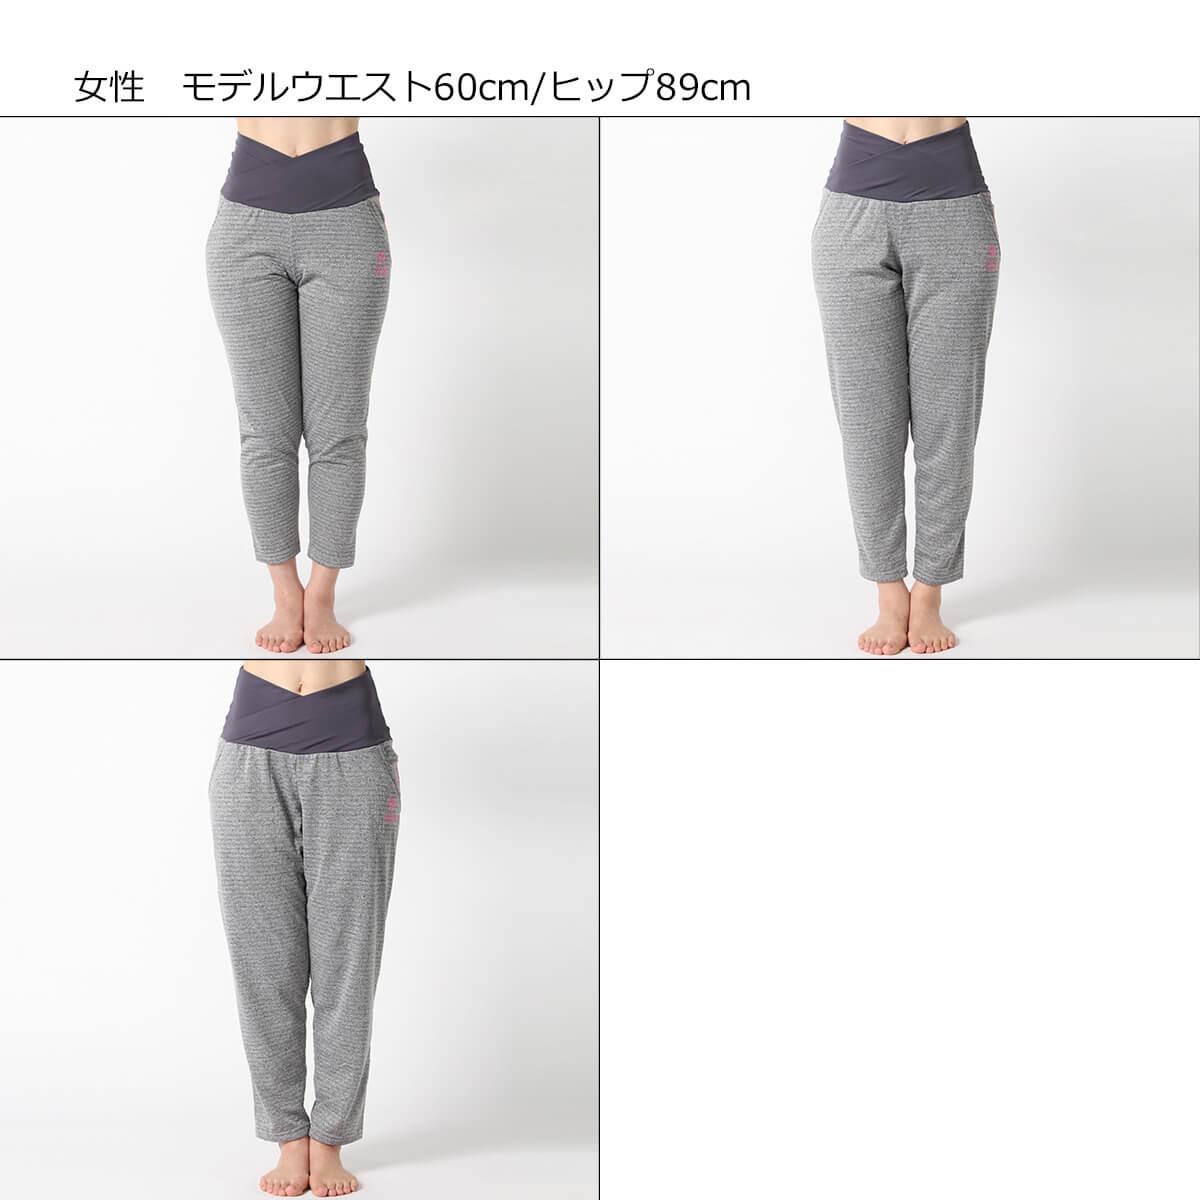 ※着用サイズ:左上/S、右上/M、左下/L